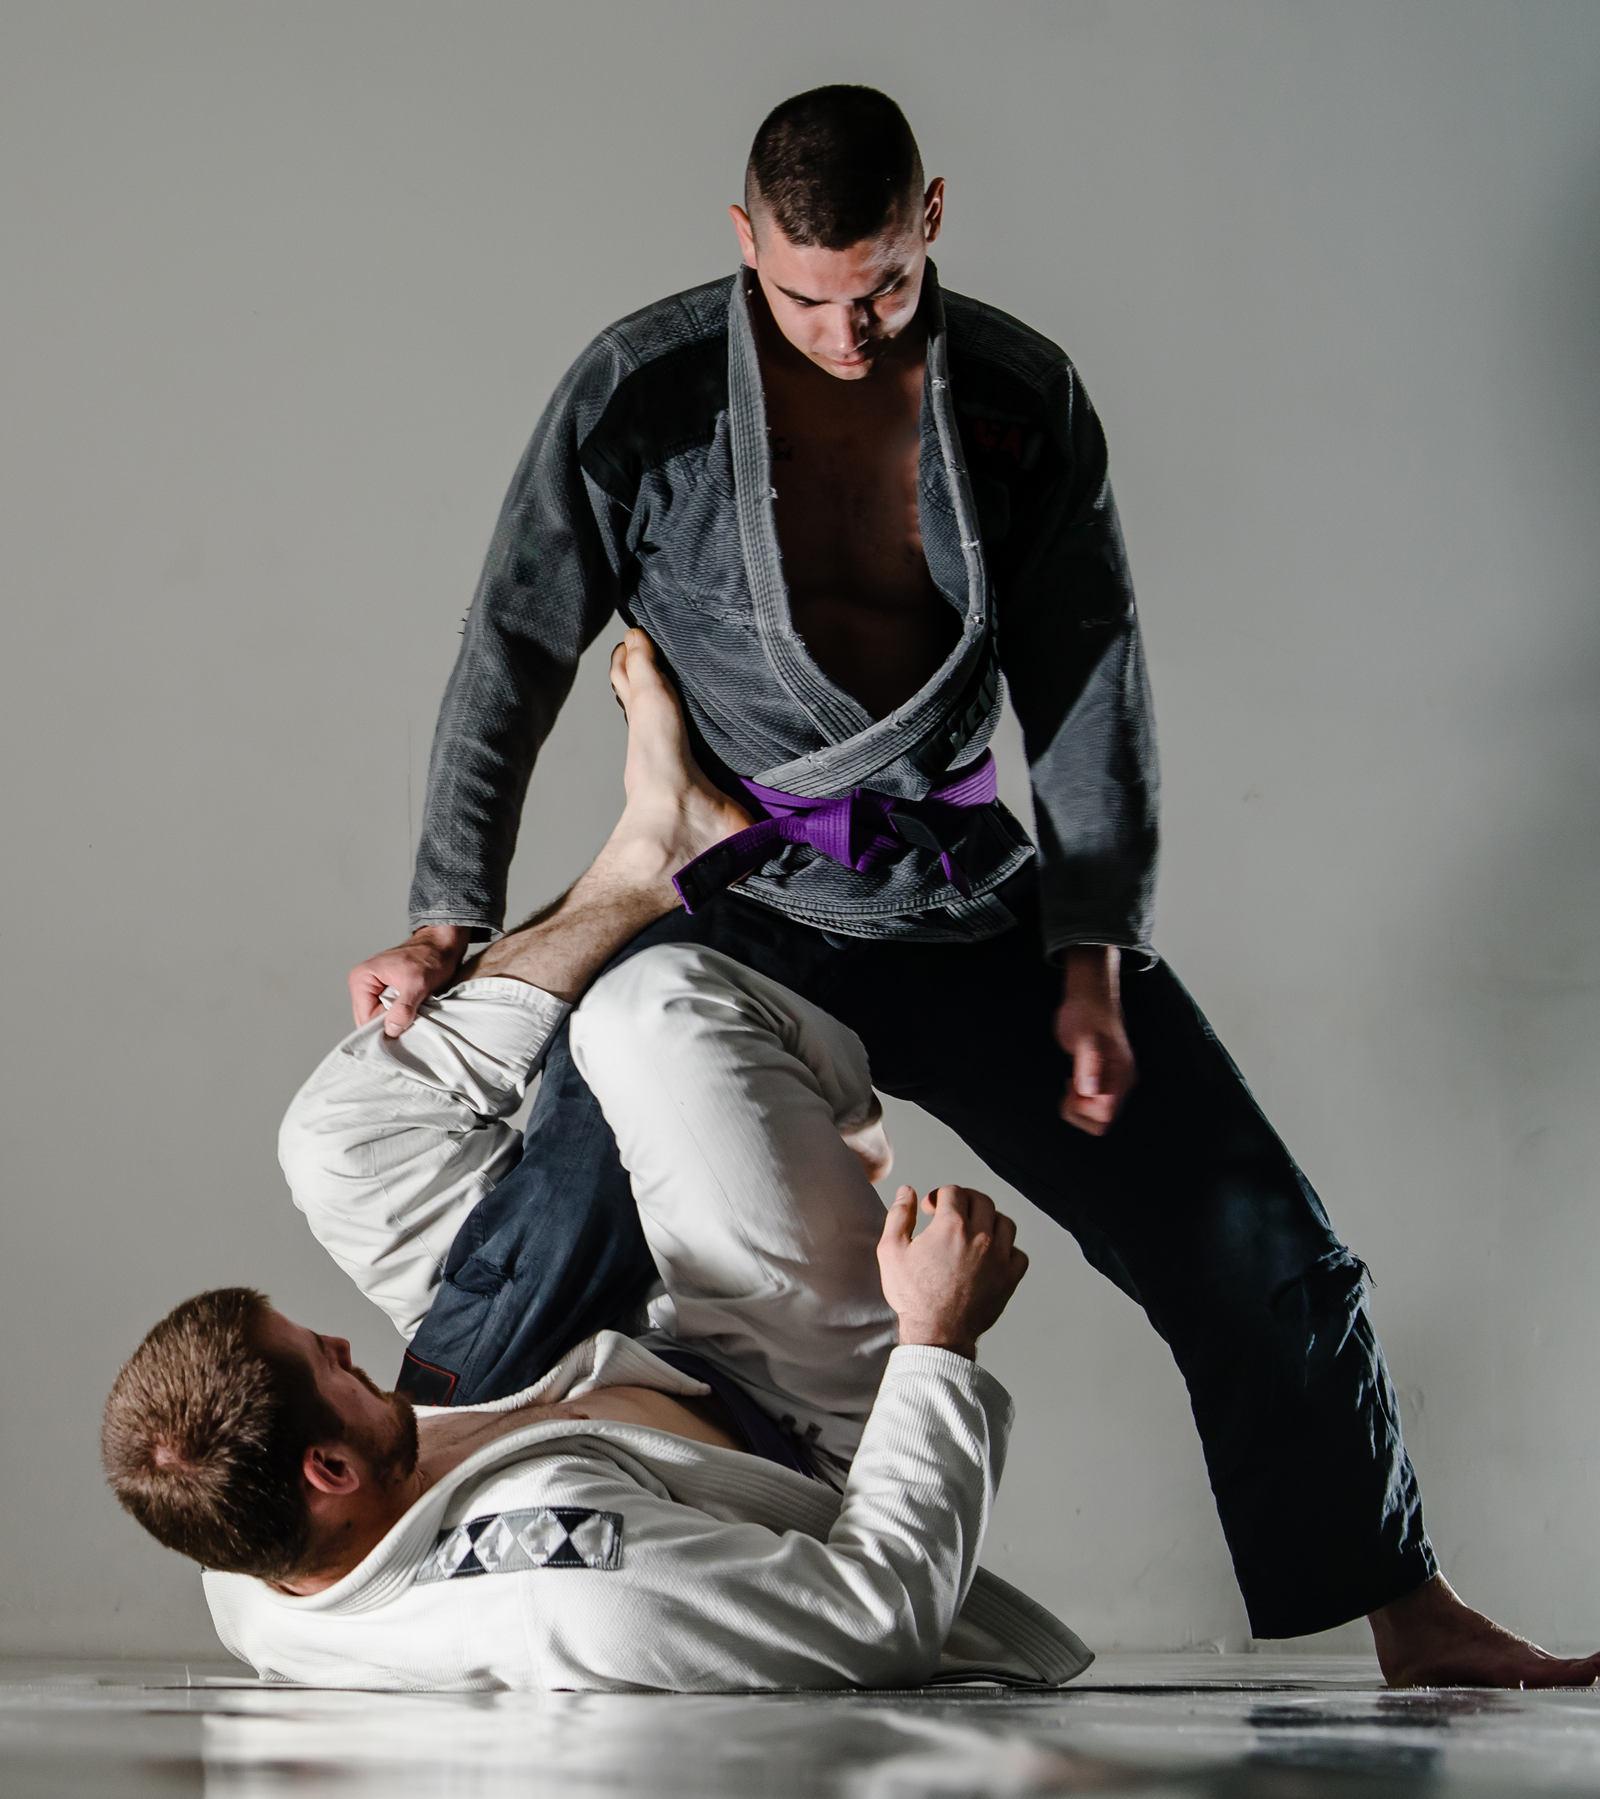 NO-GI Jiu-Jitsu